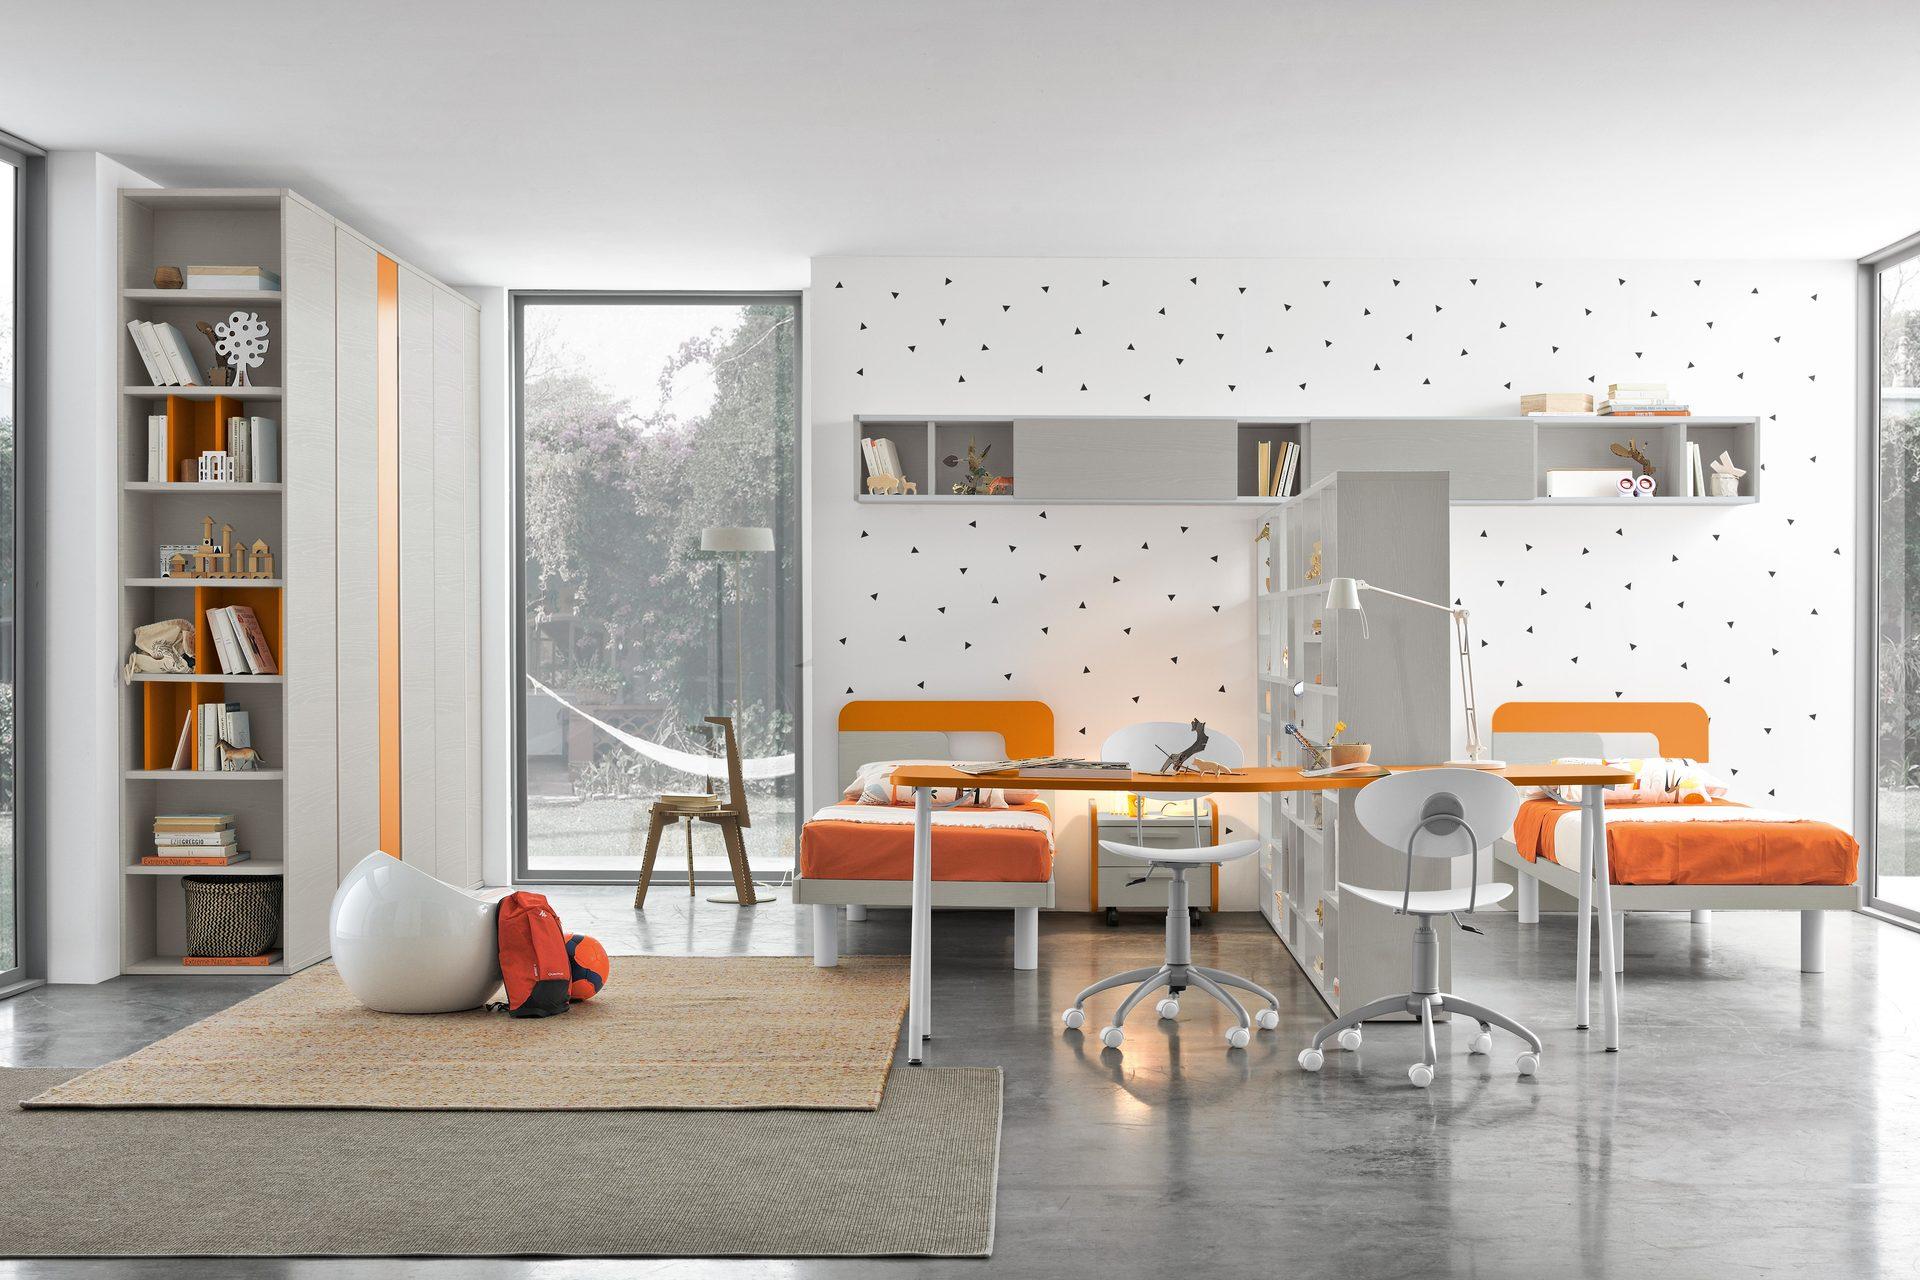 cameretta a tonalità arancione